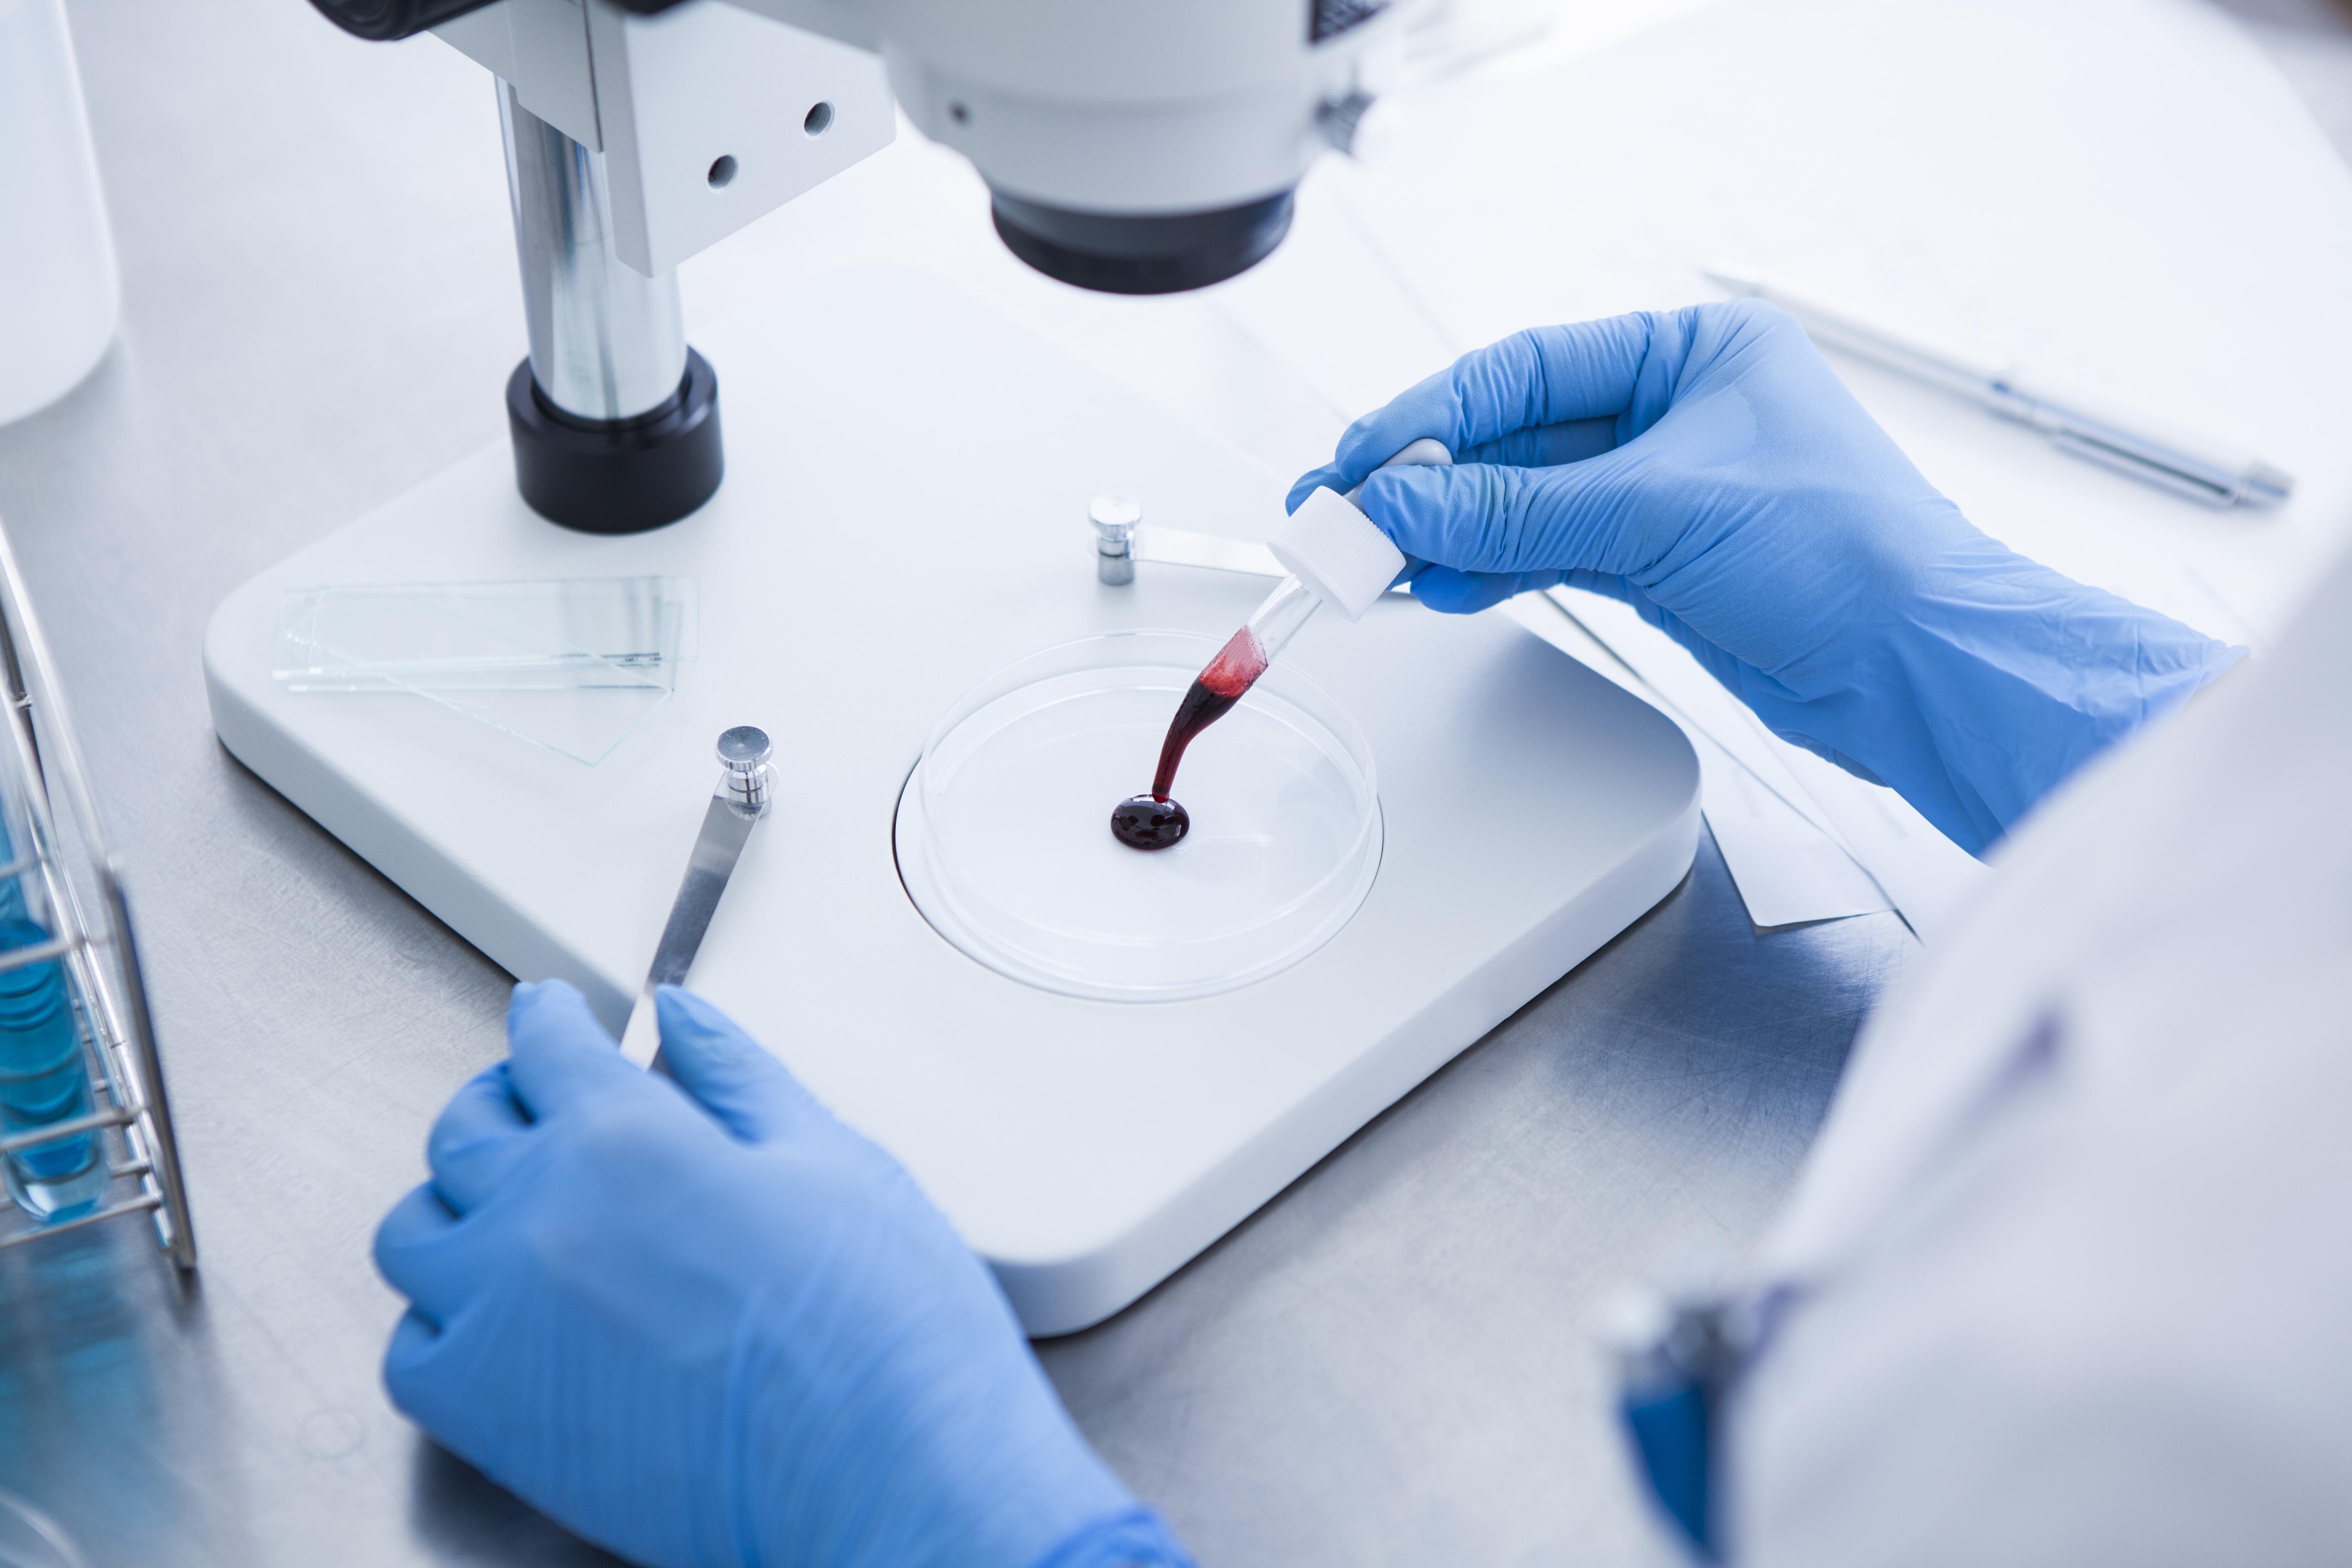 L'utilisation des biomarqueurs sanguins objectifs de l'apport en flavanols à grande échelle permet d'éviter les limites importantes qui accompagnent habituellement les recherches en nutrition (Visuel Adobe Stock 114589392)